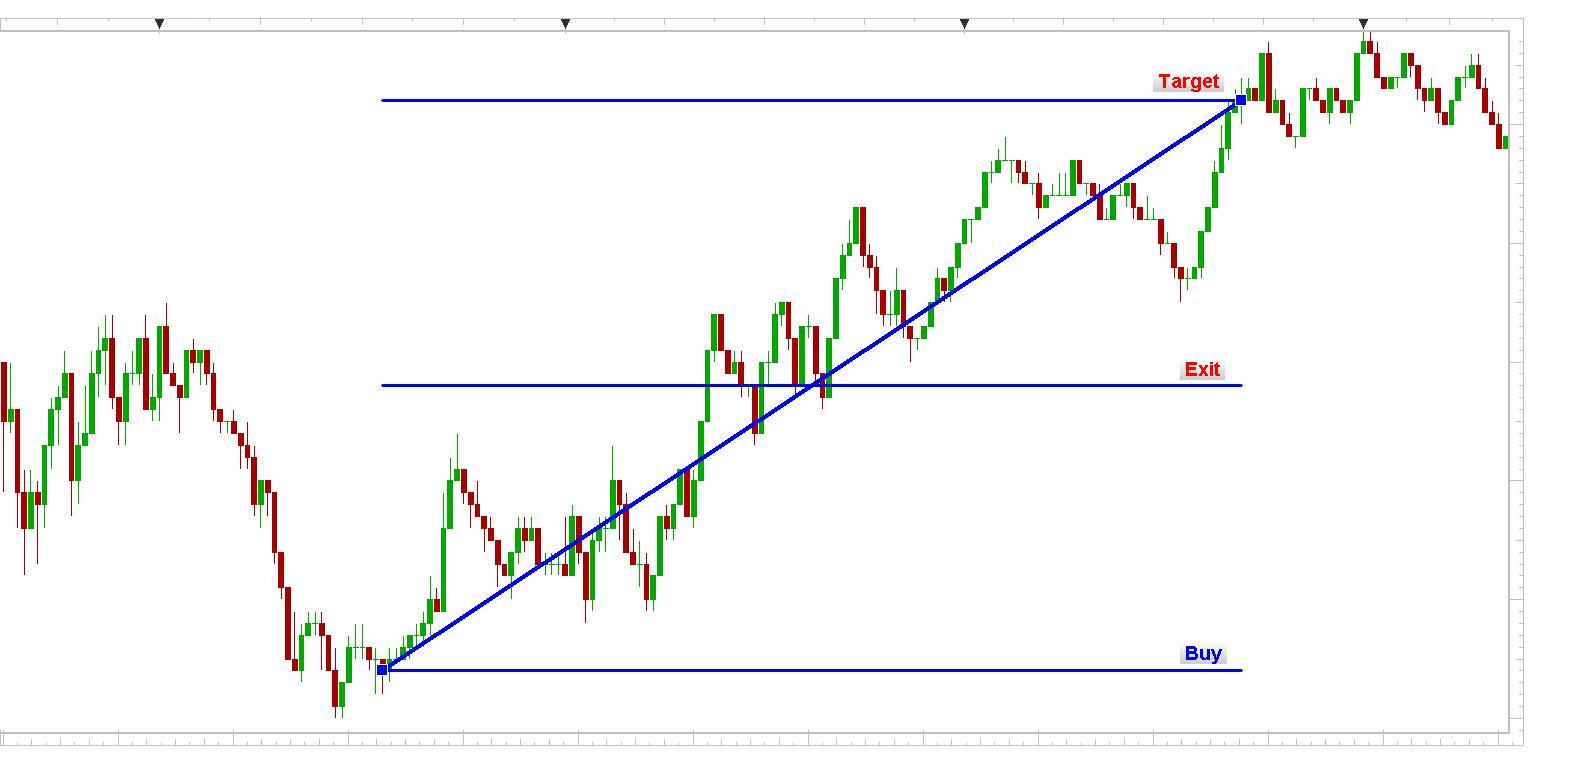 BUND 1min chart